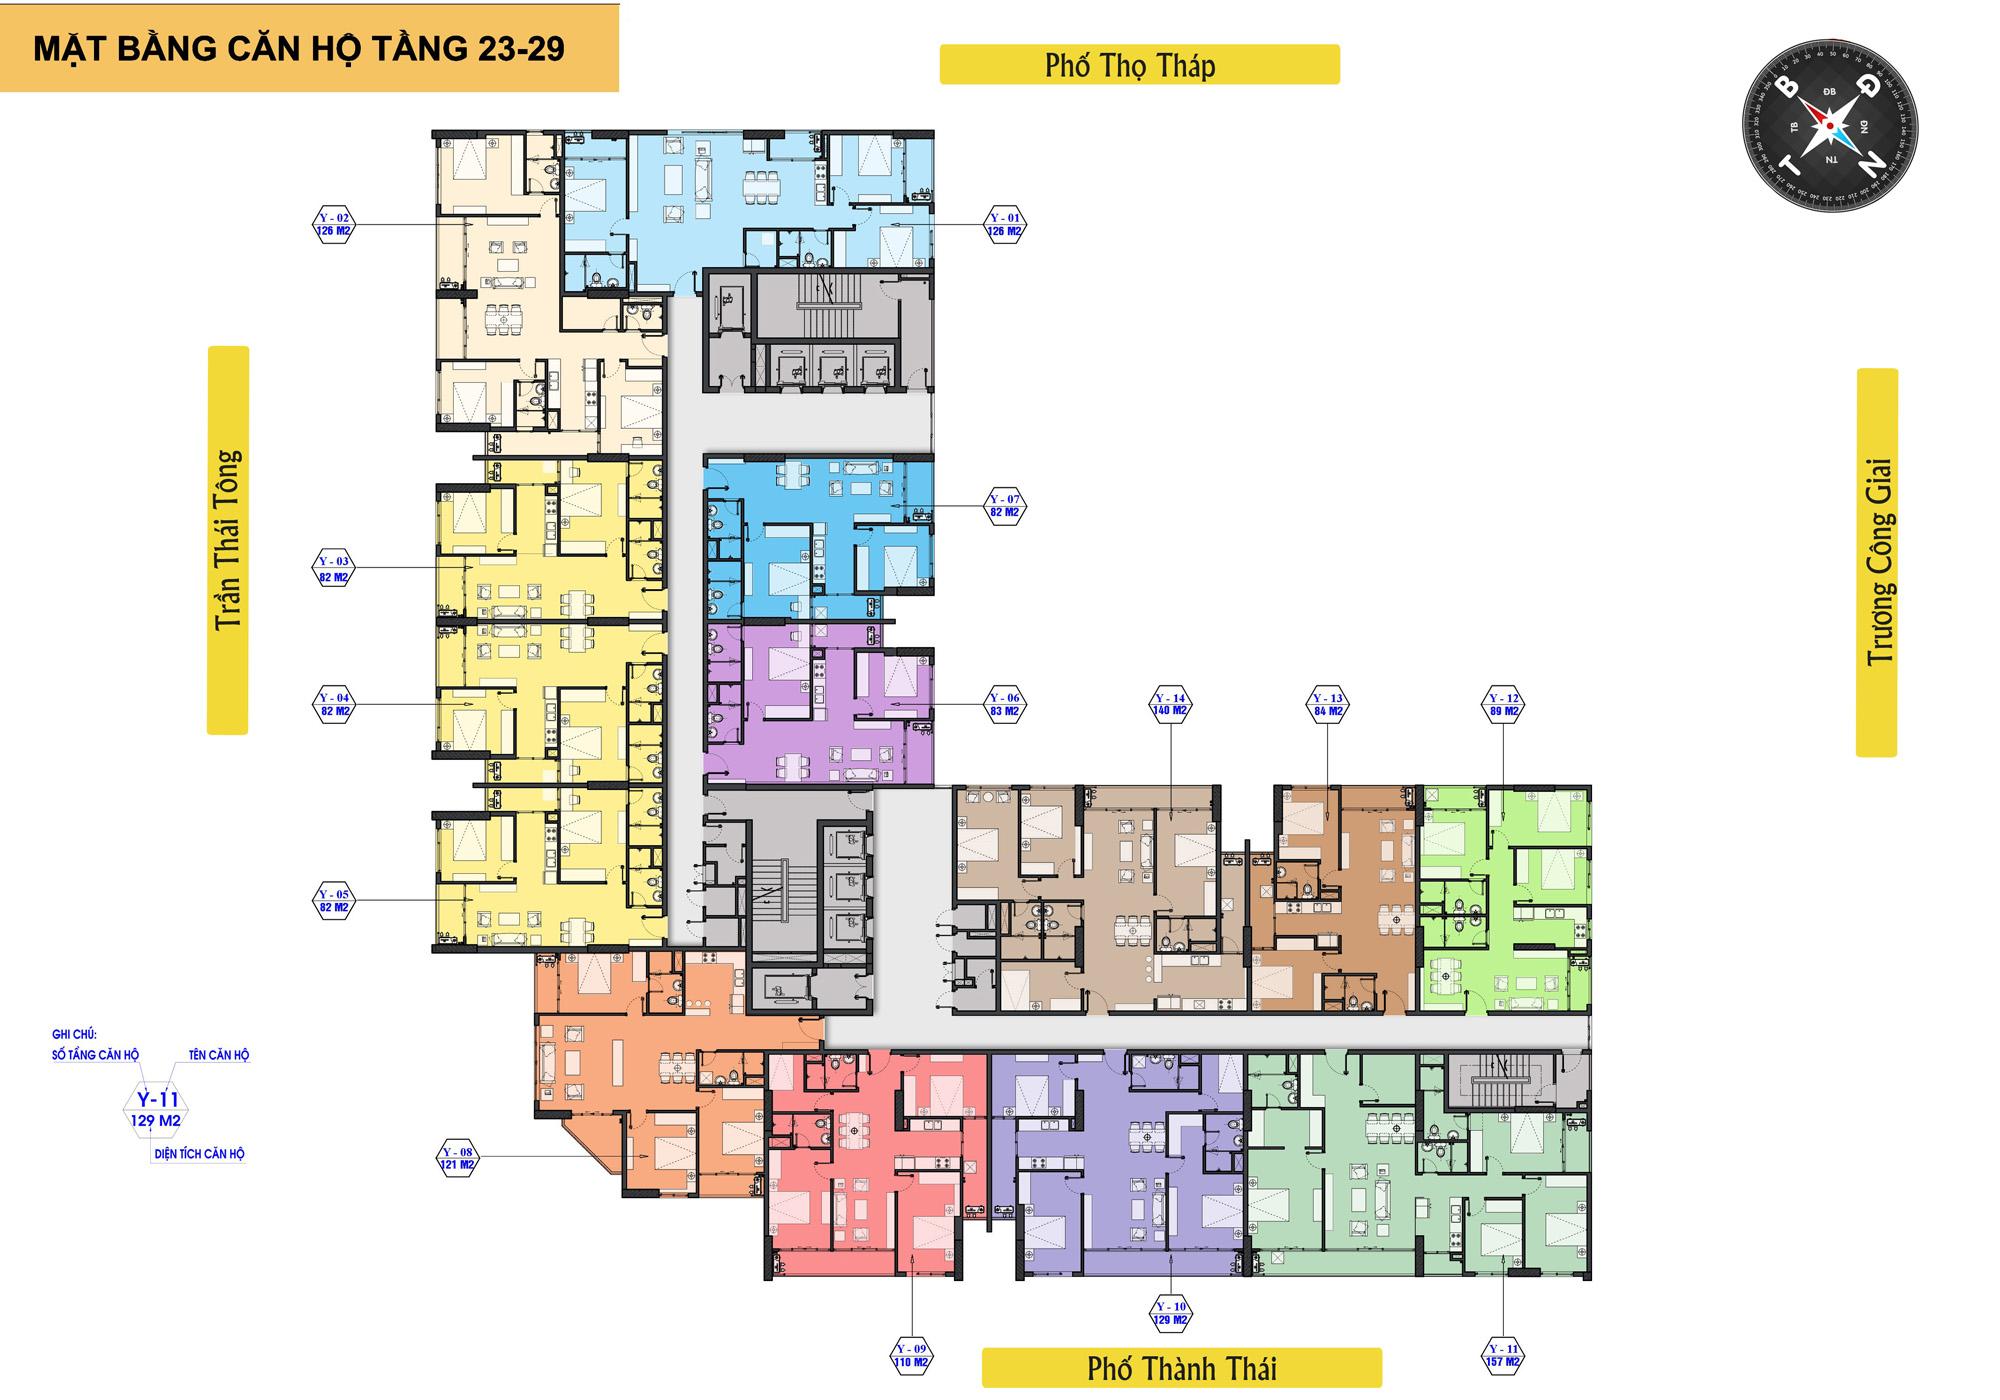 Mặt bằng tầng 23 -29 chung cư The Park Home